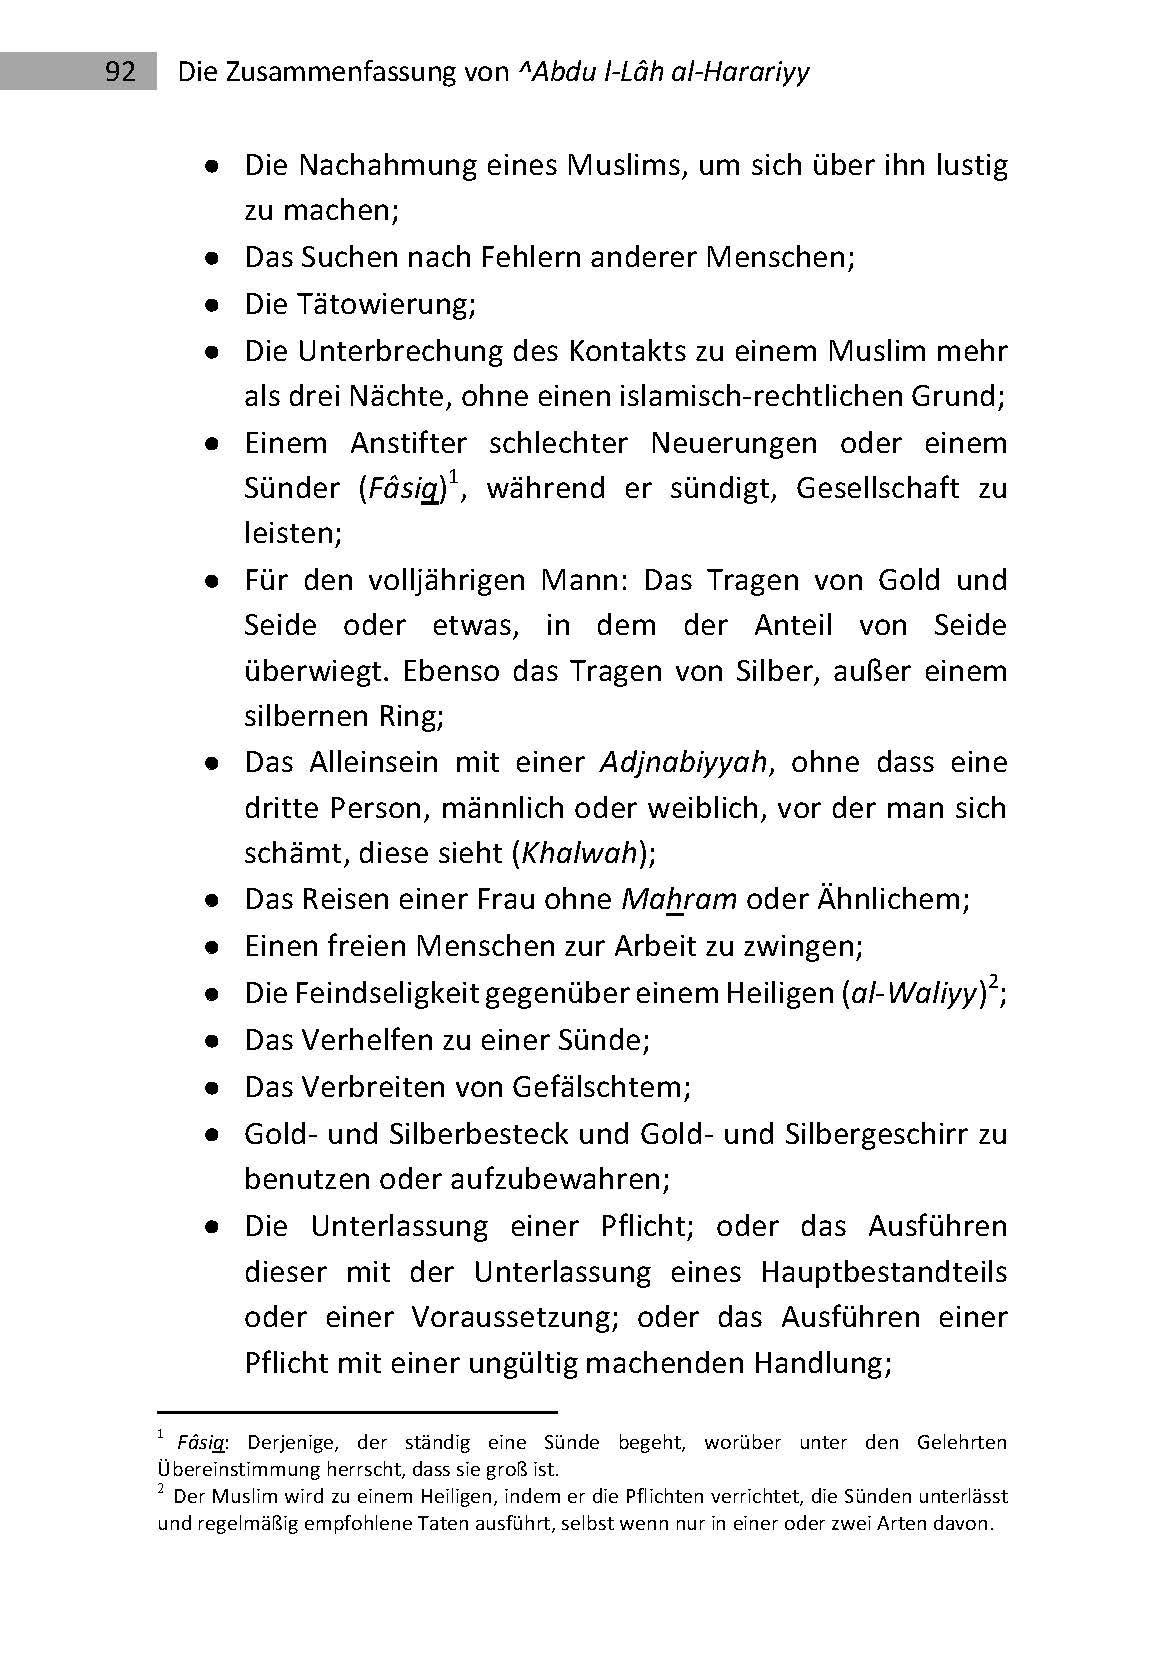 Die Zusammenfassung - 3. Auflage 2014_Seite_92